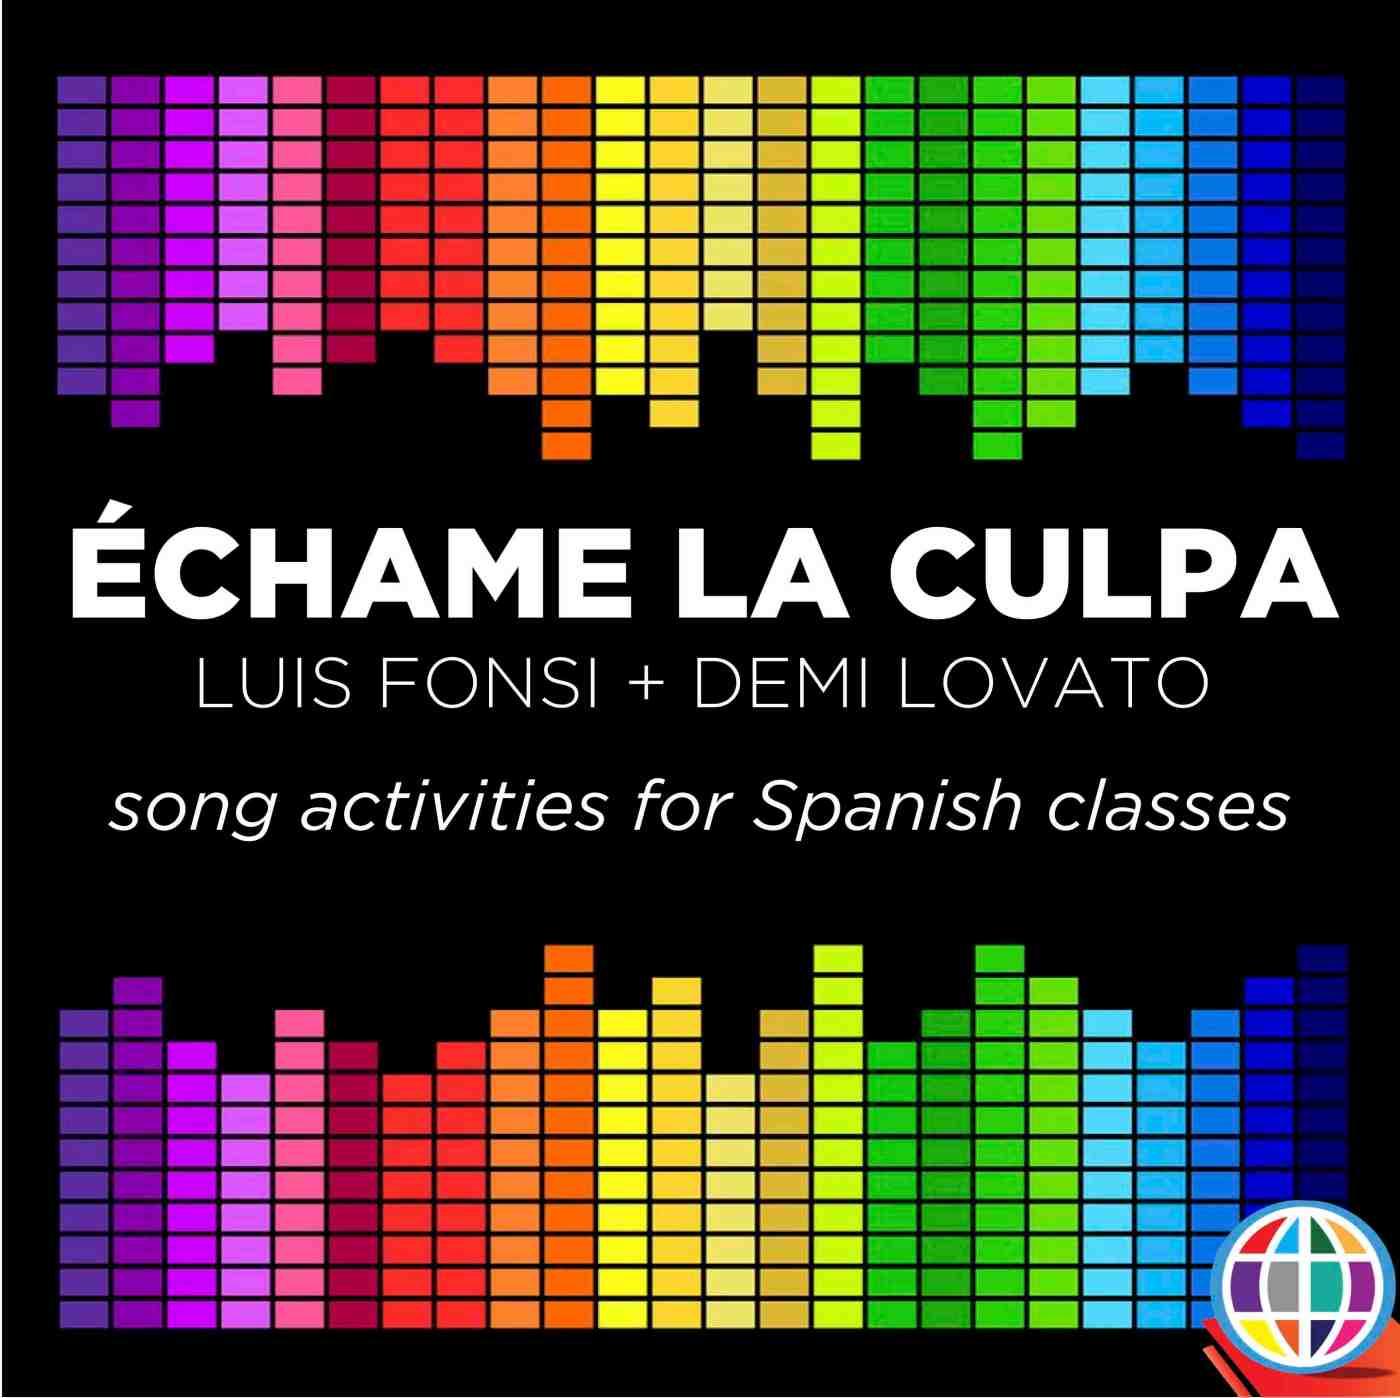 Echame la culpa by Demi Lovato and Luis Fonsi